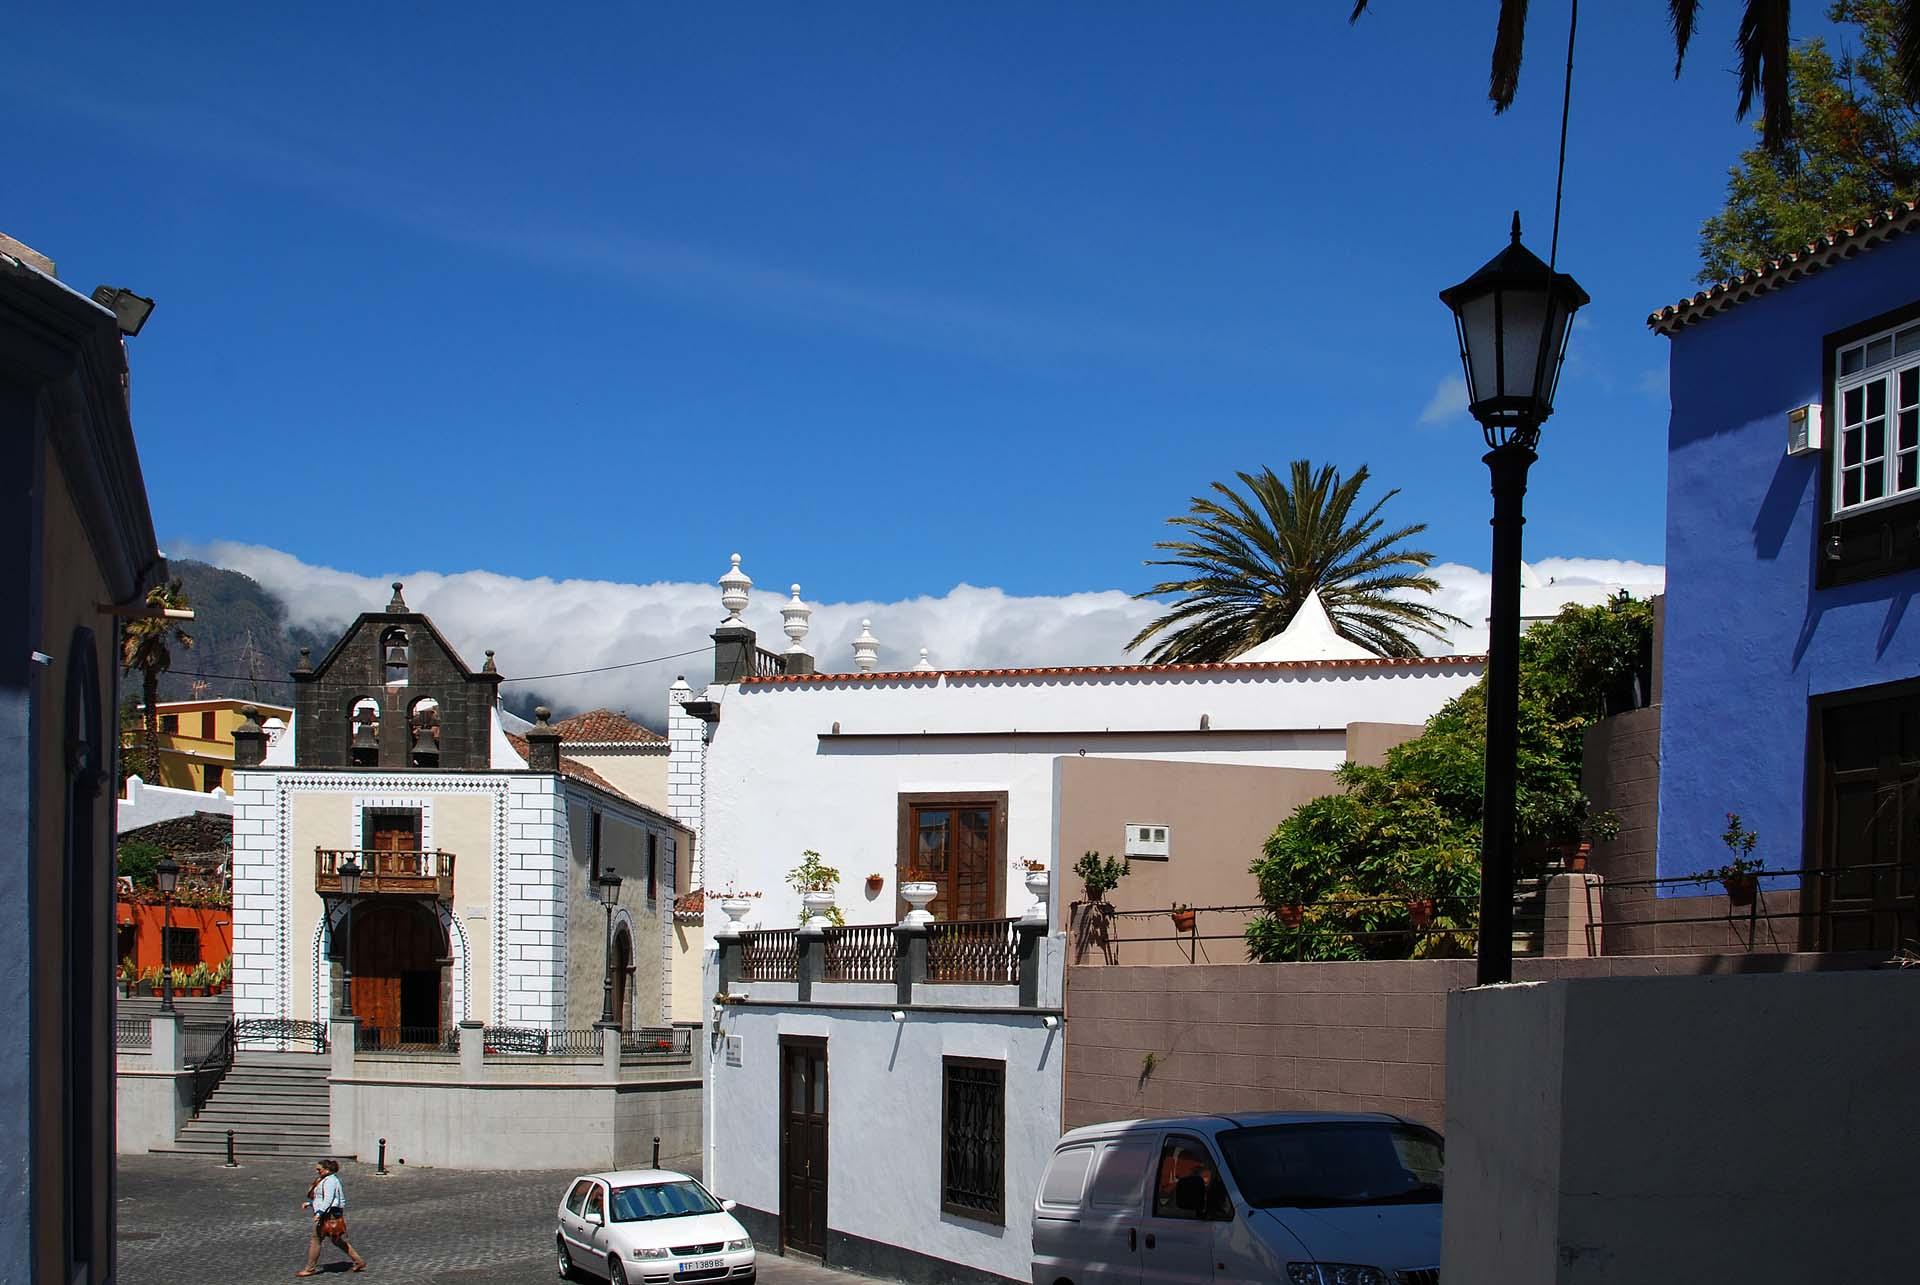 Fotoalbum und Reiseinformationen zu El Paso von Angel Immobilien SL